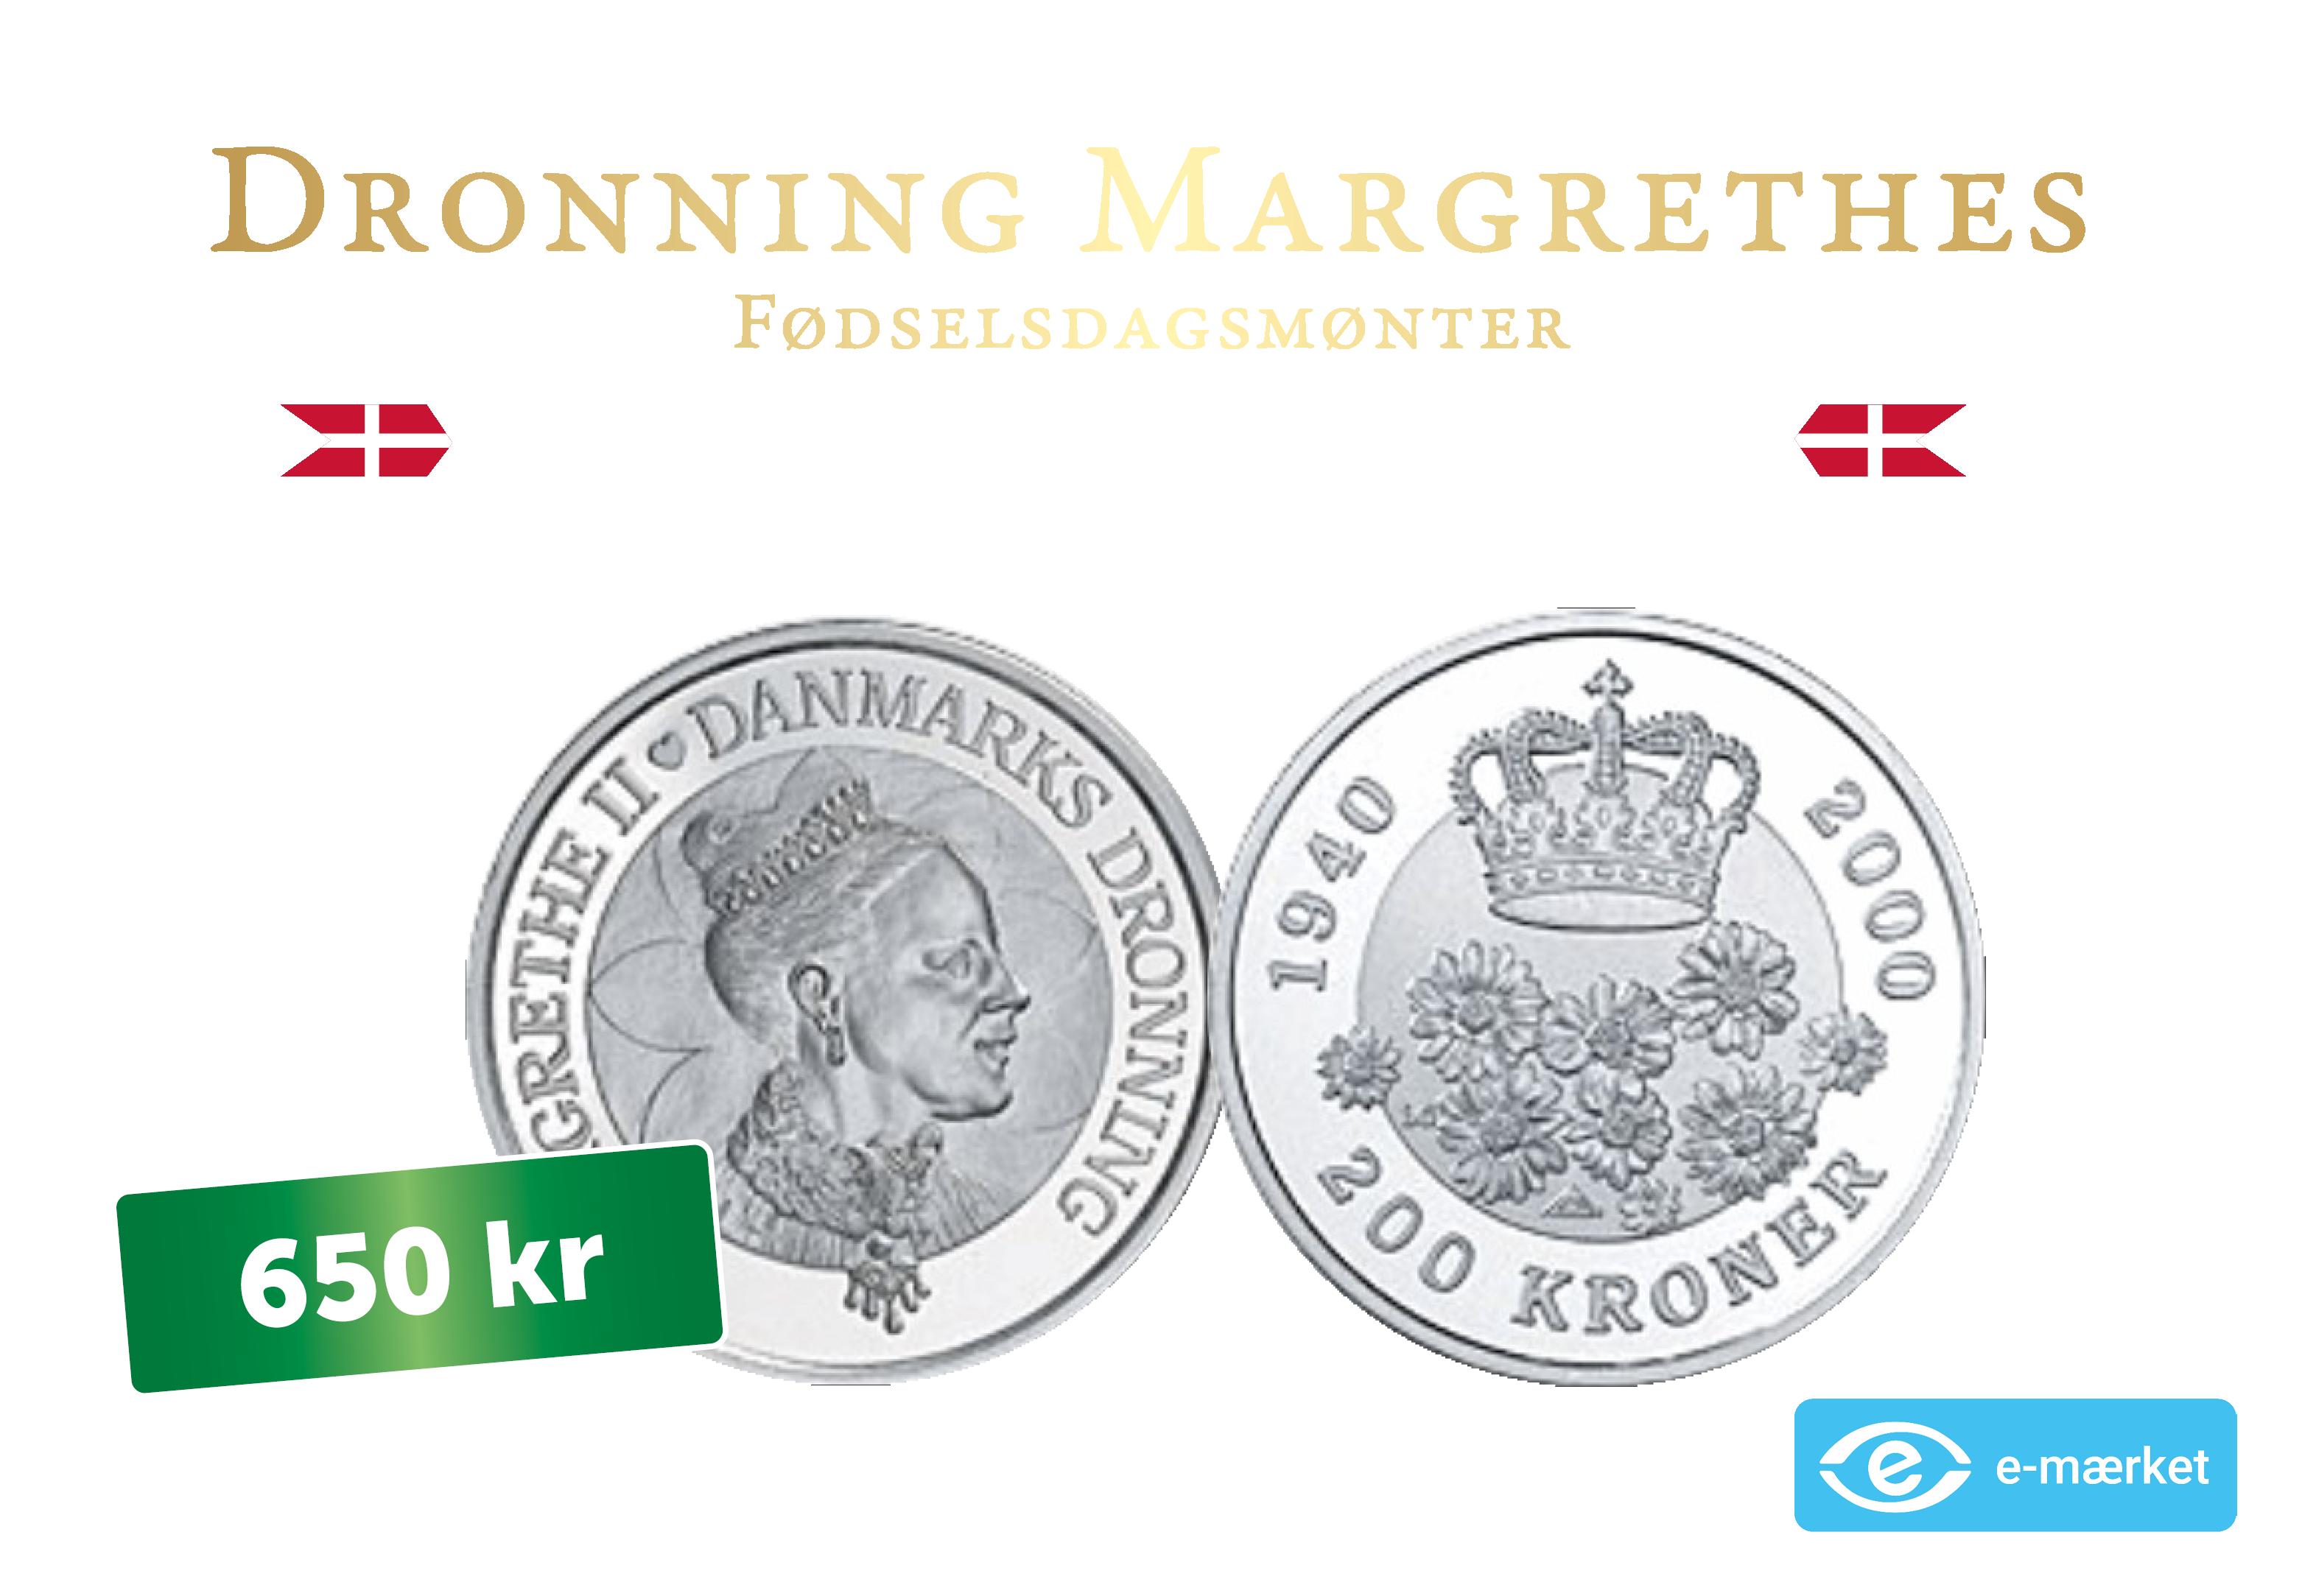 Dronning Margrethe II's 60-års fødselsdag, 2000